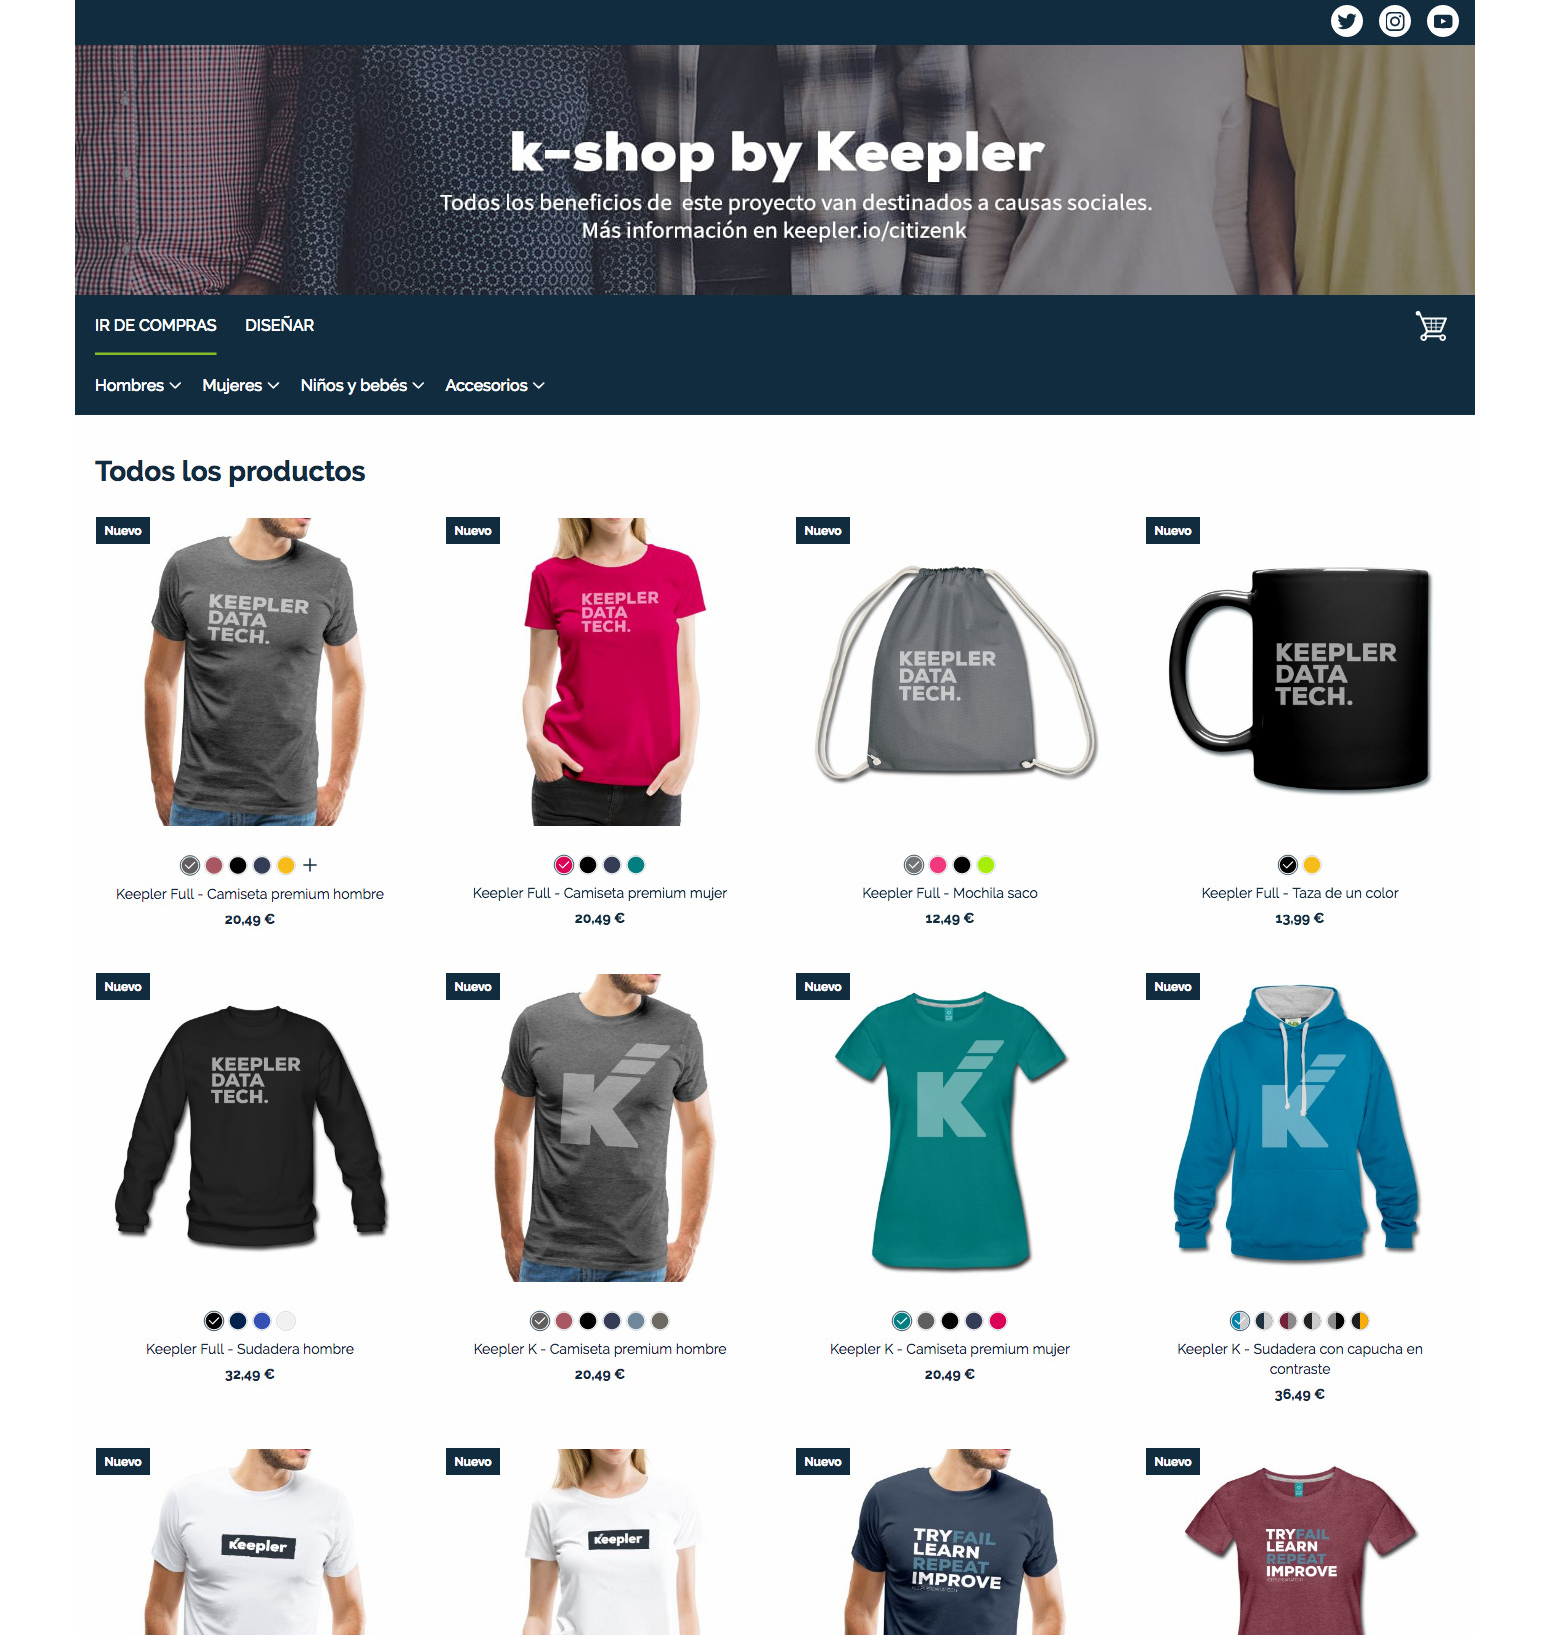 tienda online empresa Spreadshirt